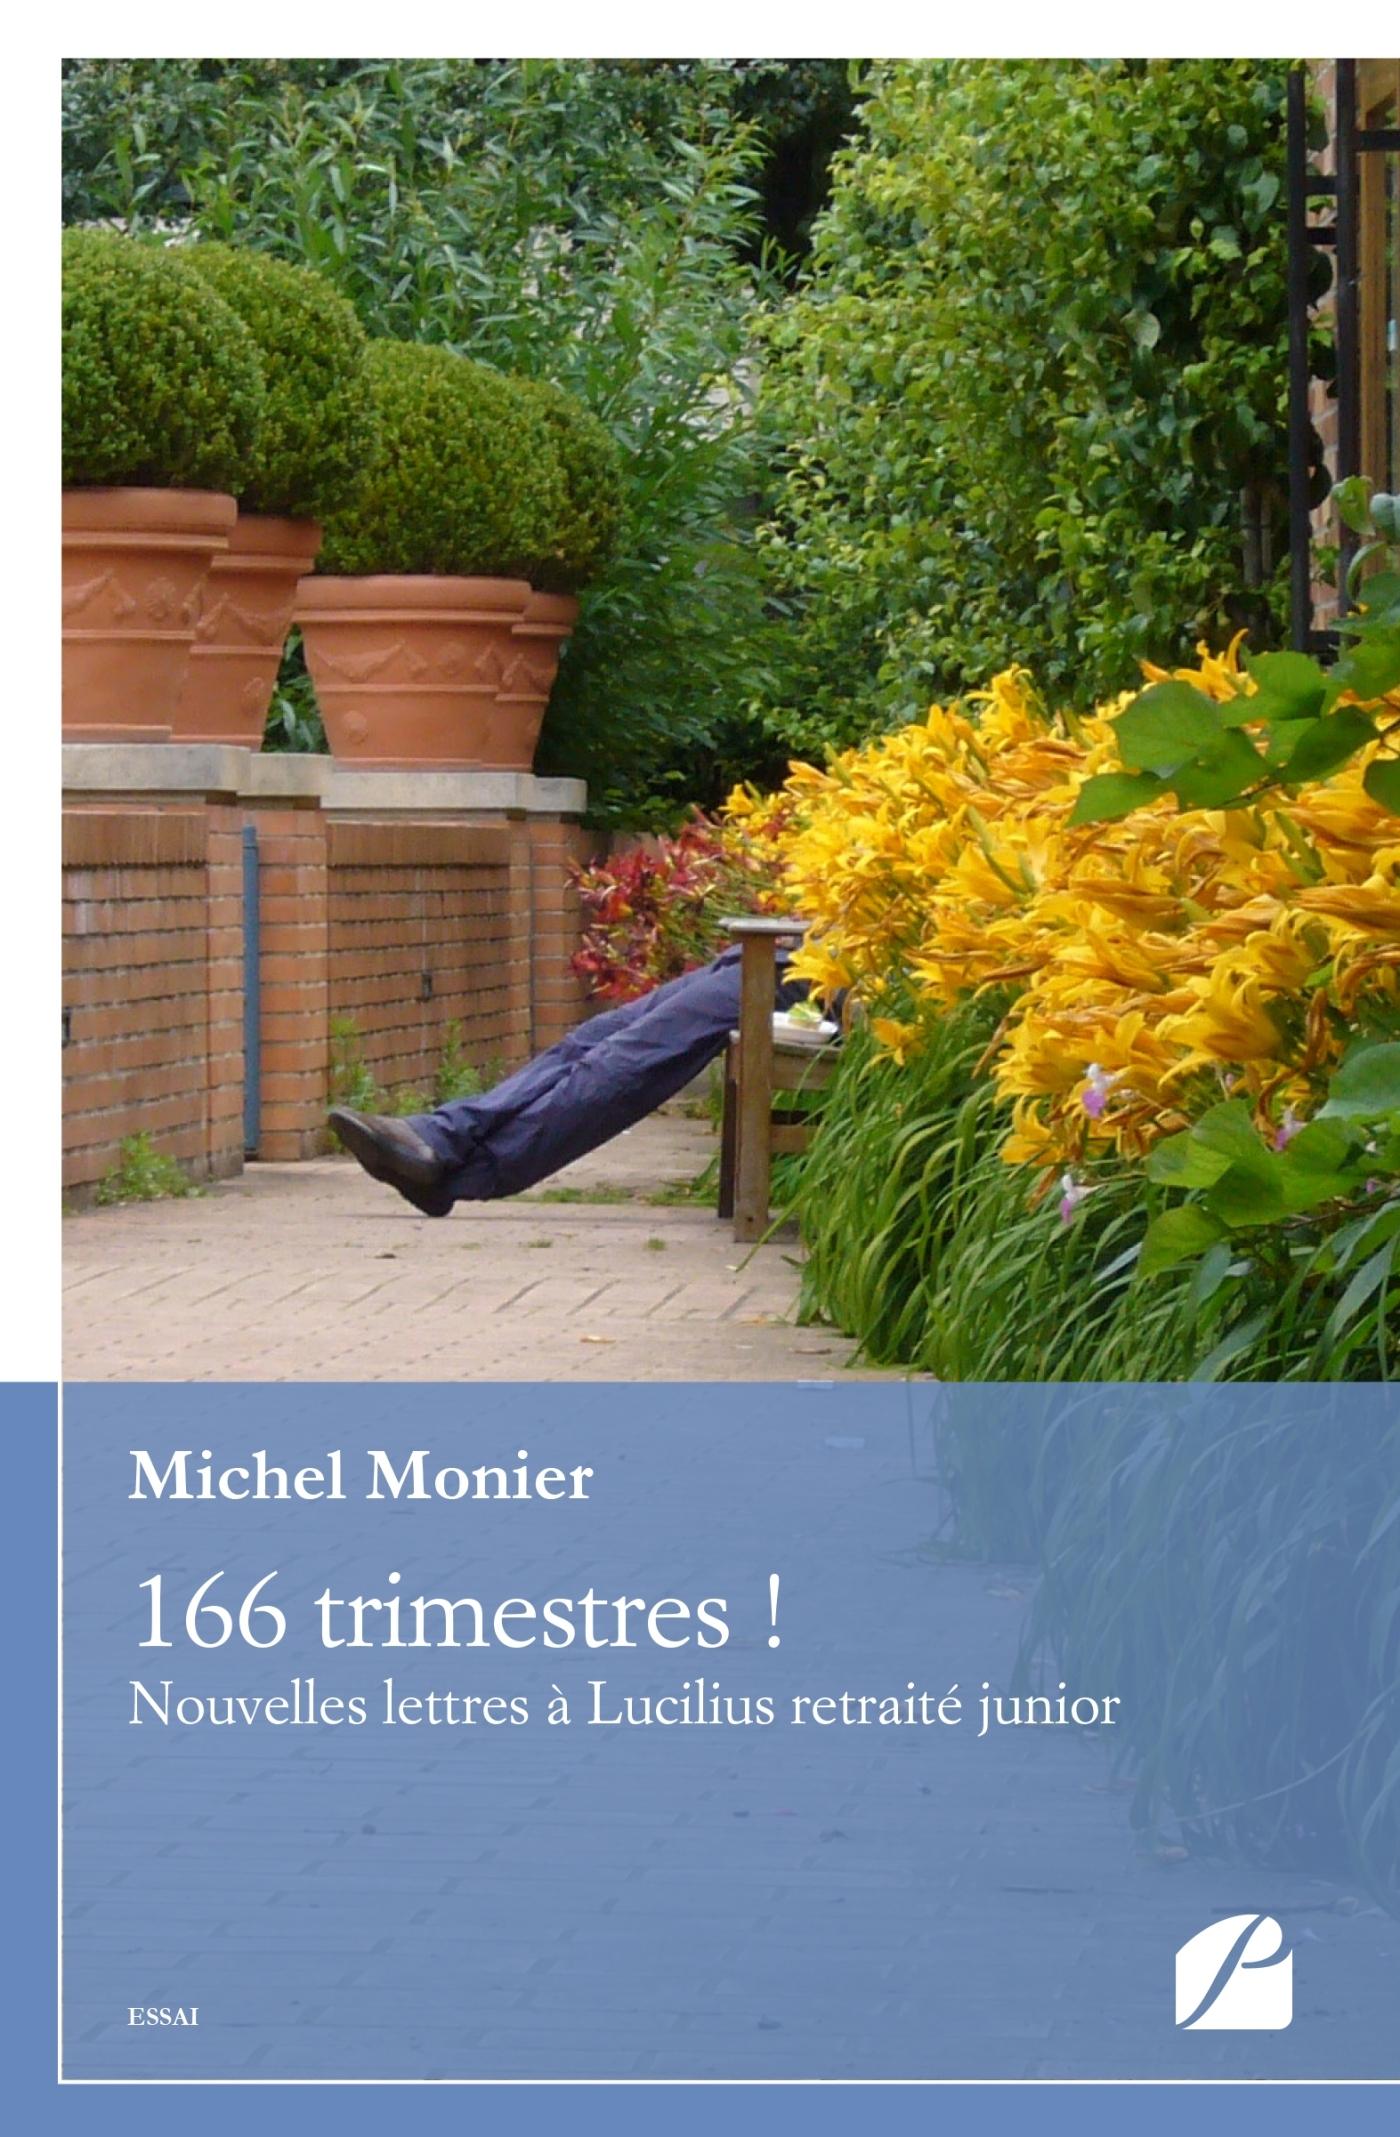 166 TRIMESTRES ! - NOUVELLES LETTRES A LUCILIUS RETRAITE JUNIOR